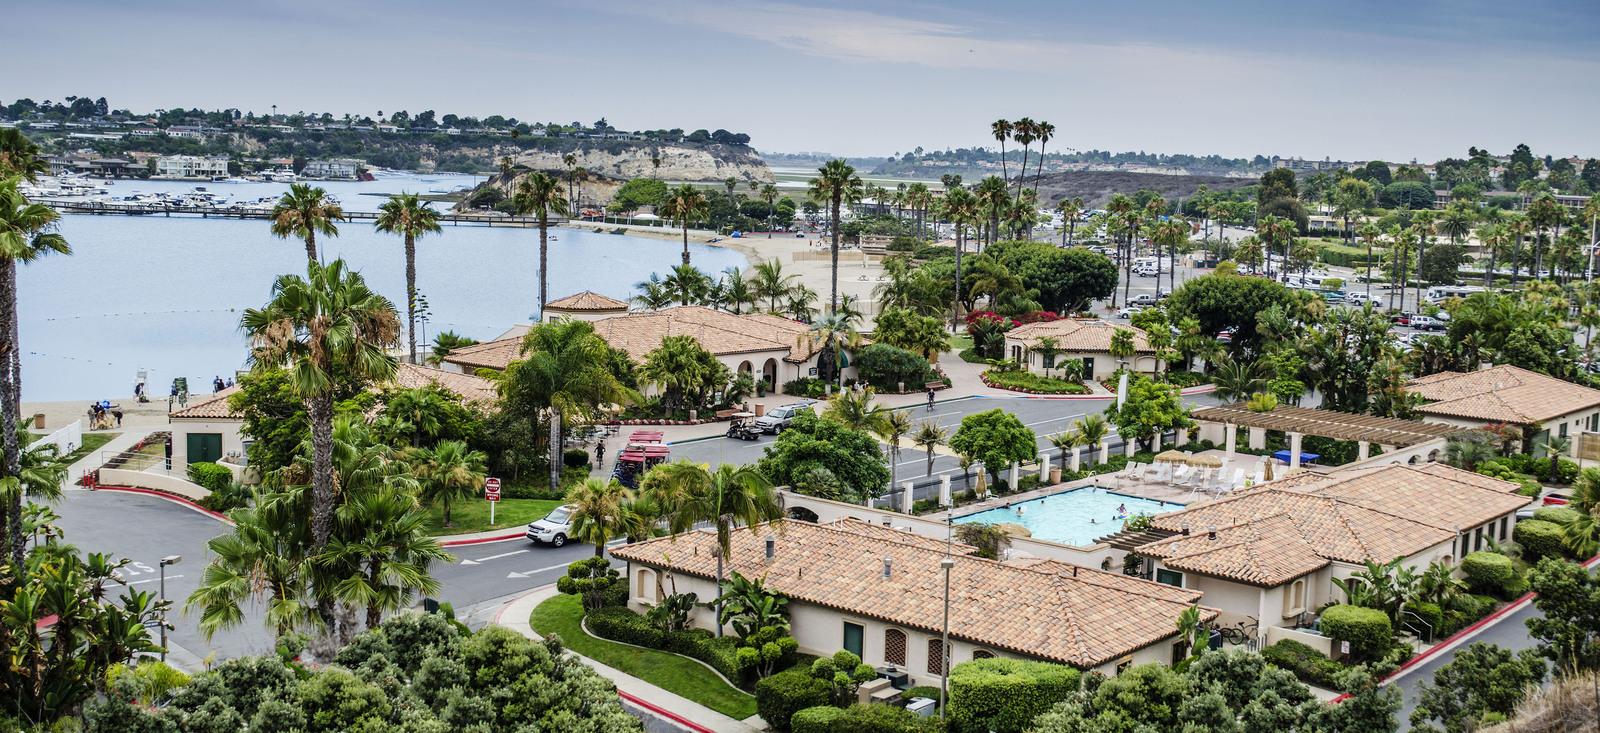 Newport Dunes Rv Park >> Newport Dunes Waterfront Resort In Newport Beach California